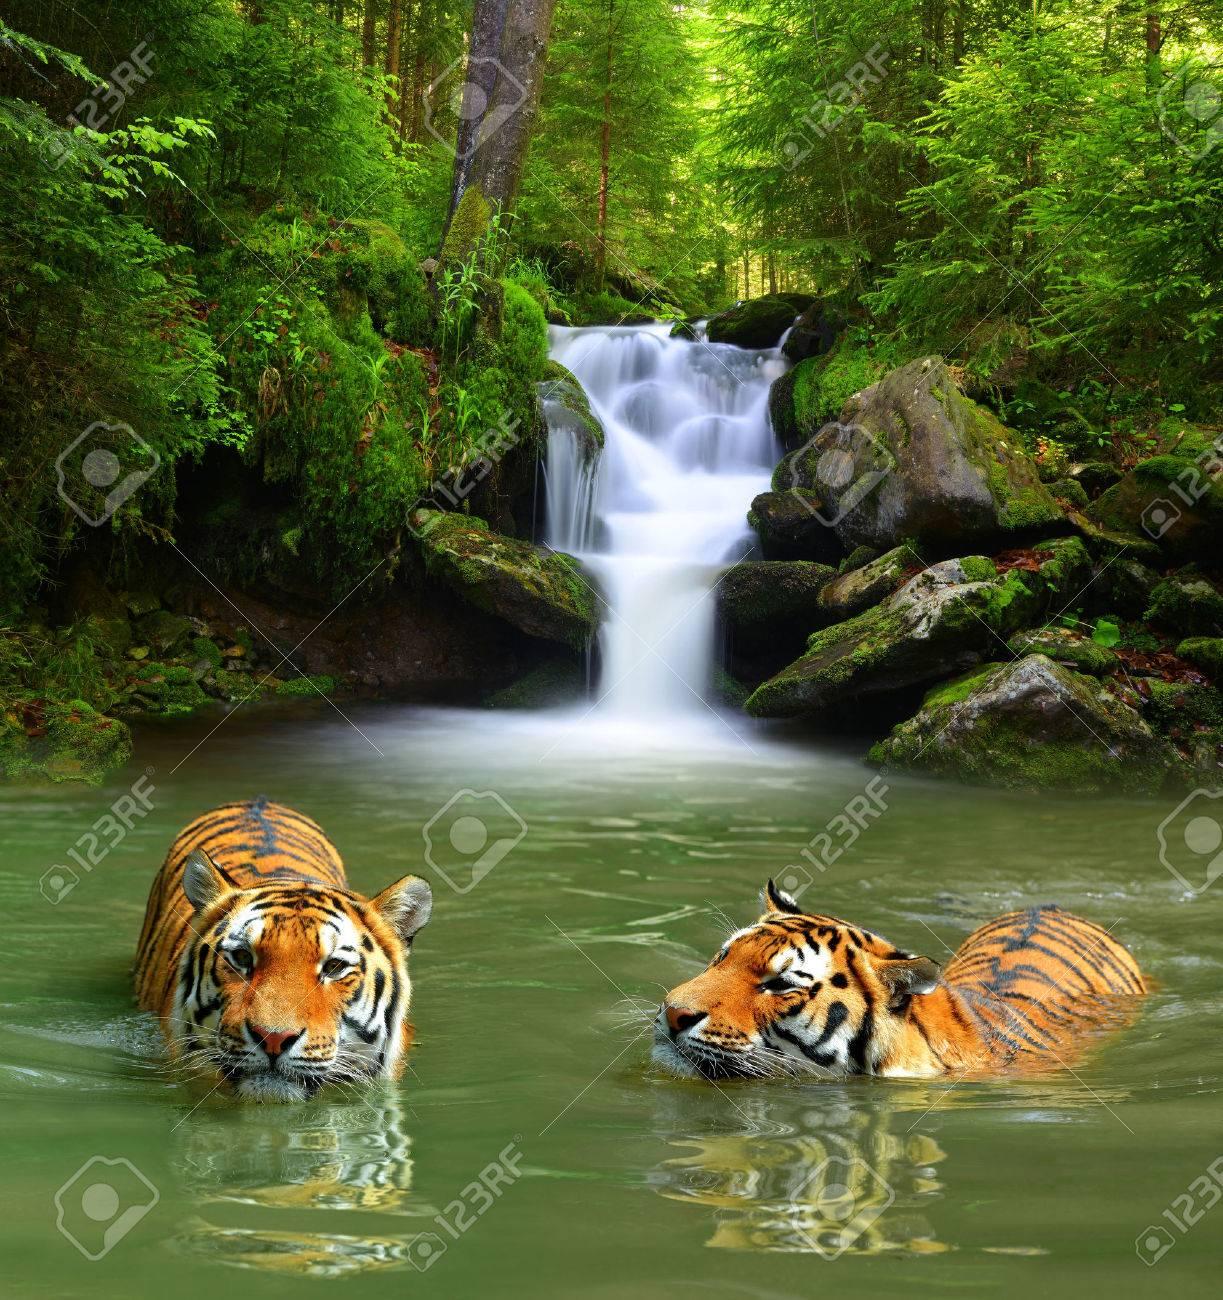 Siberian Tigers in water - 41796032